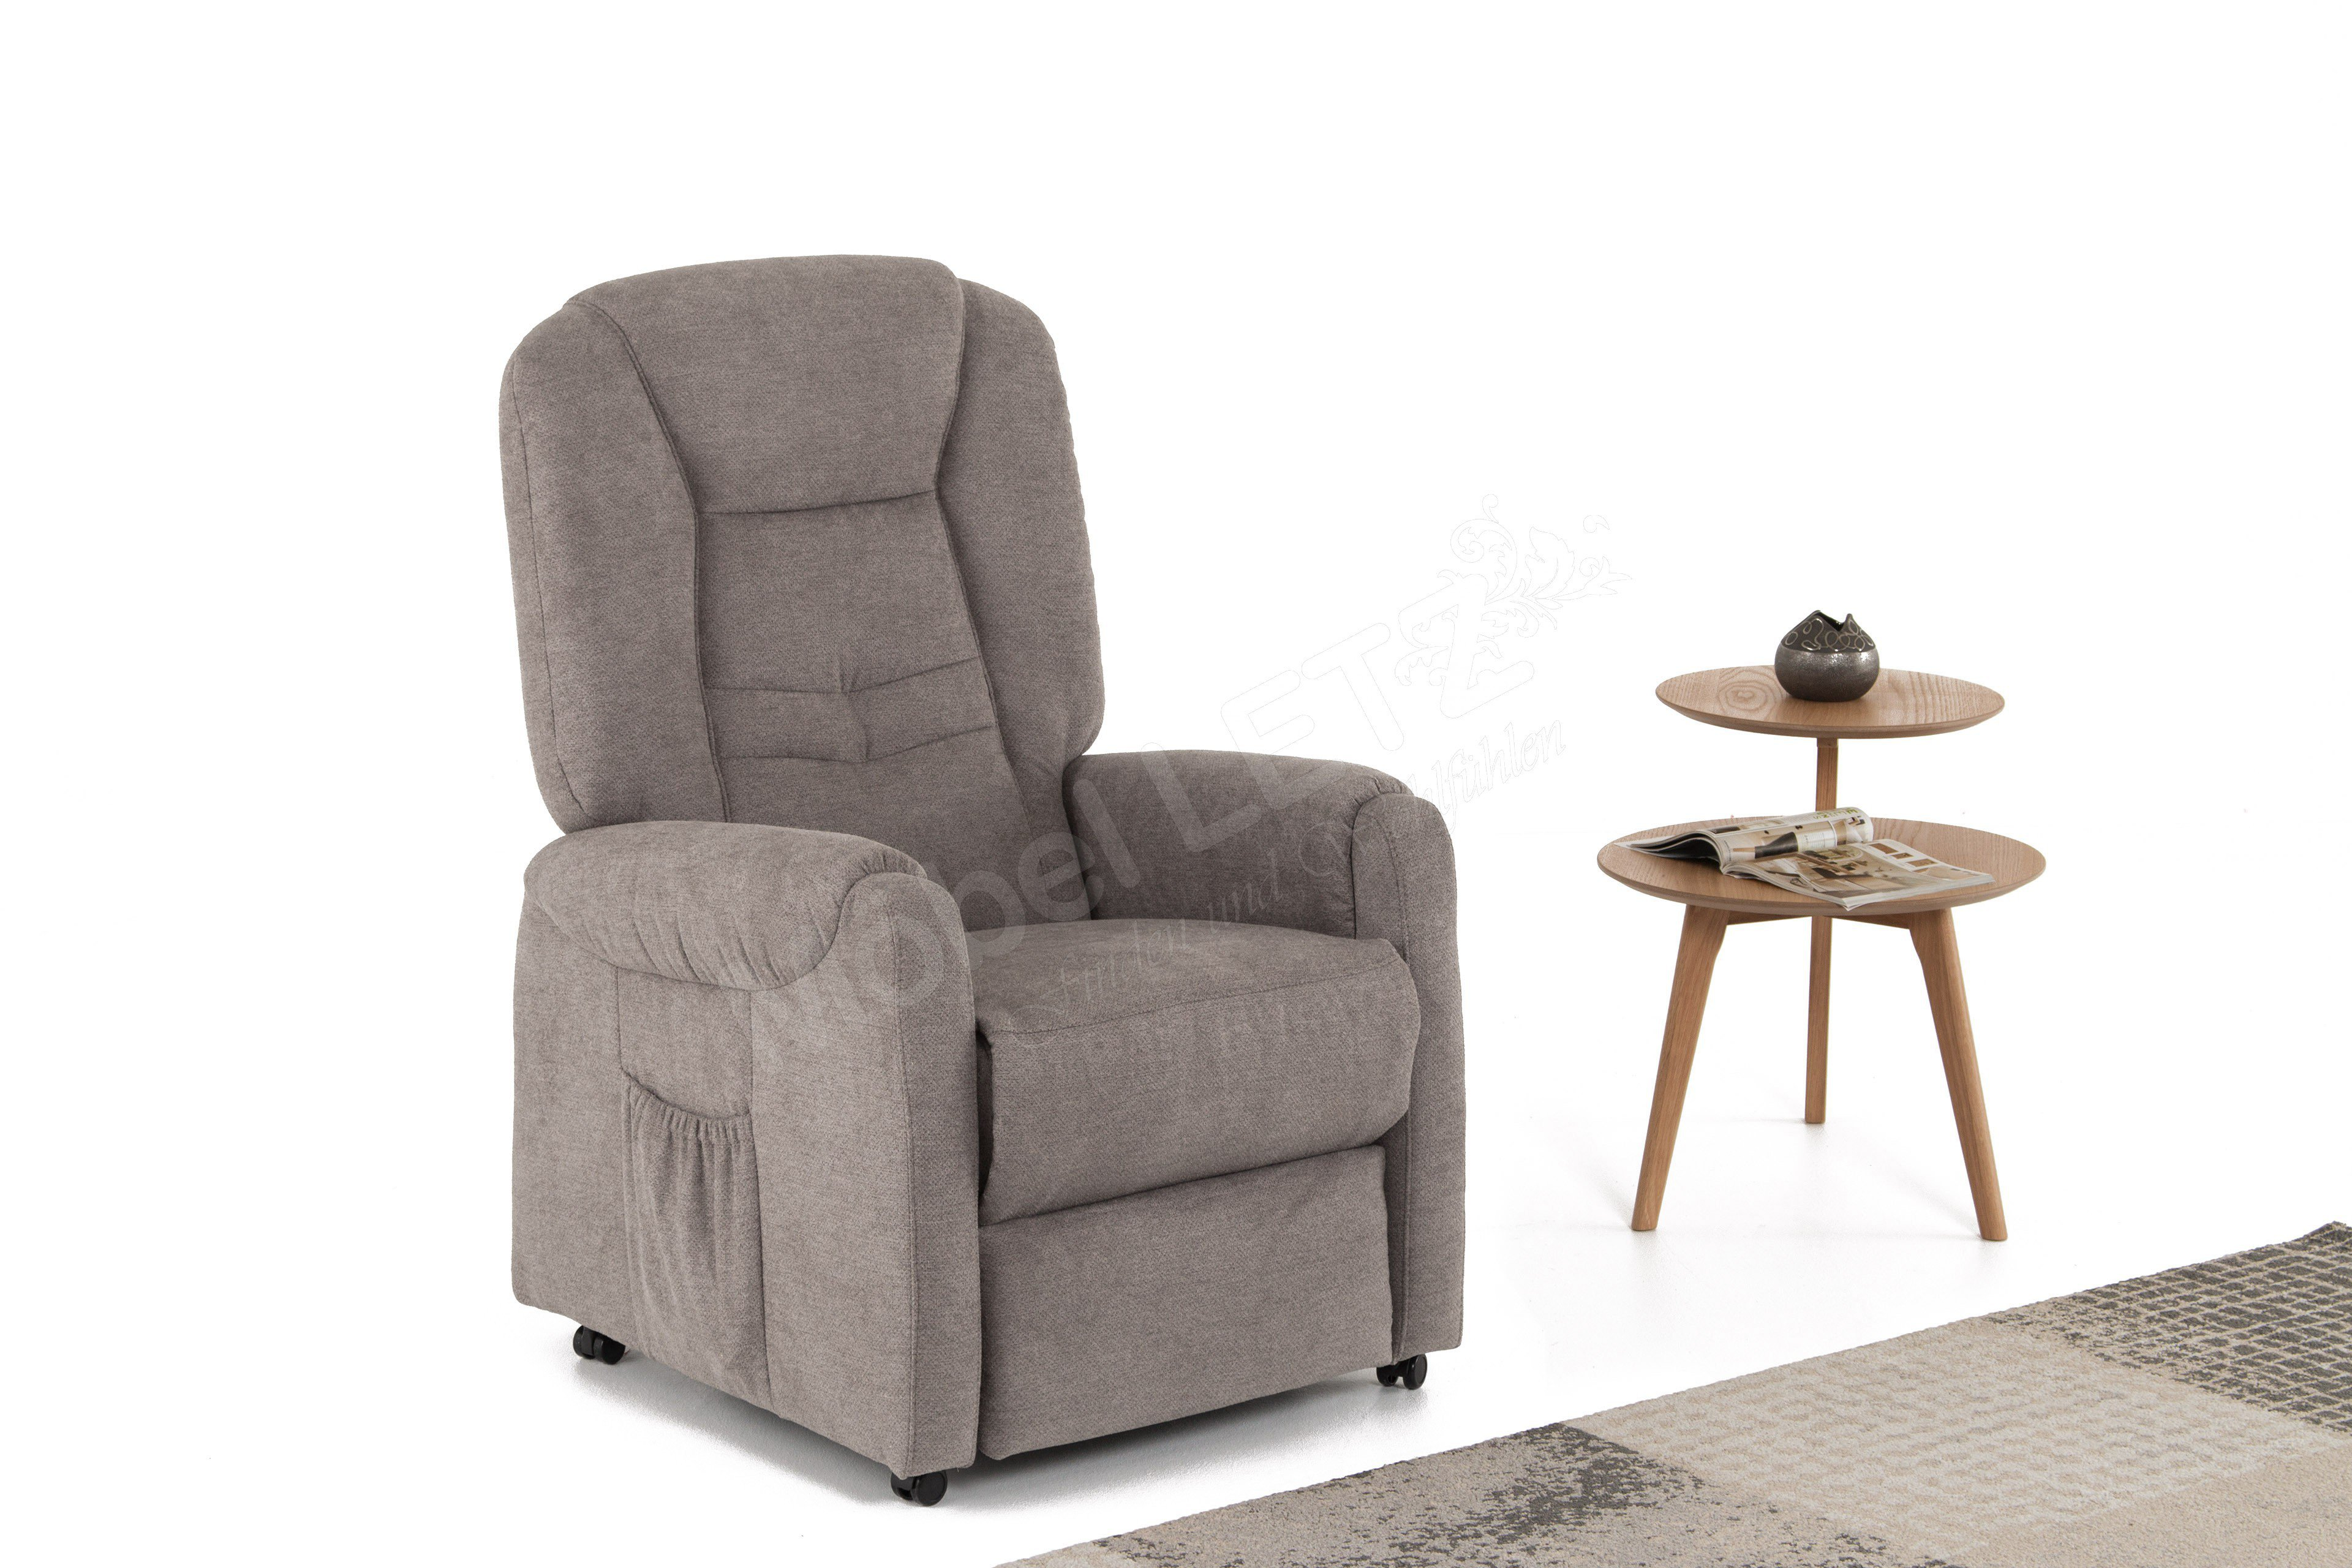 fernsehsessel hendrik s basic braun von polsteria m bel letz ihr online shop. Black Bedroom Furniture Sets. Home Design Ideas